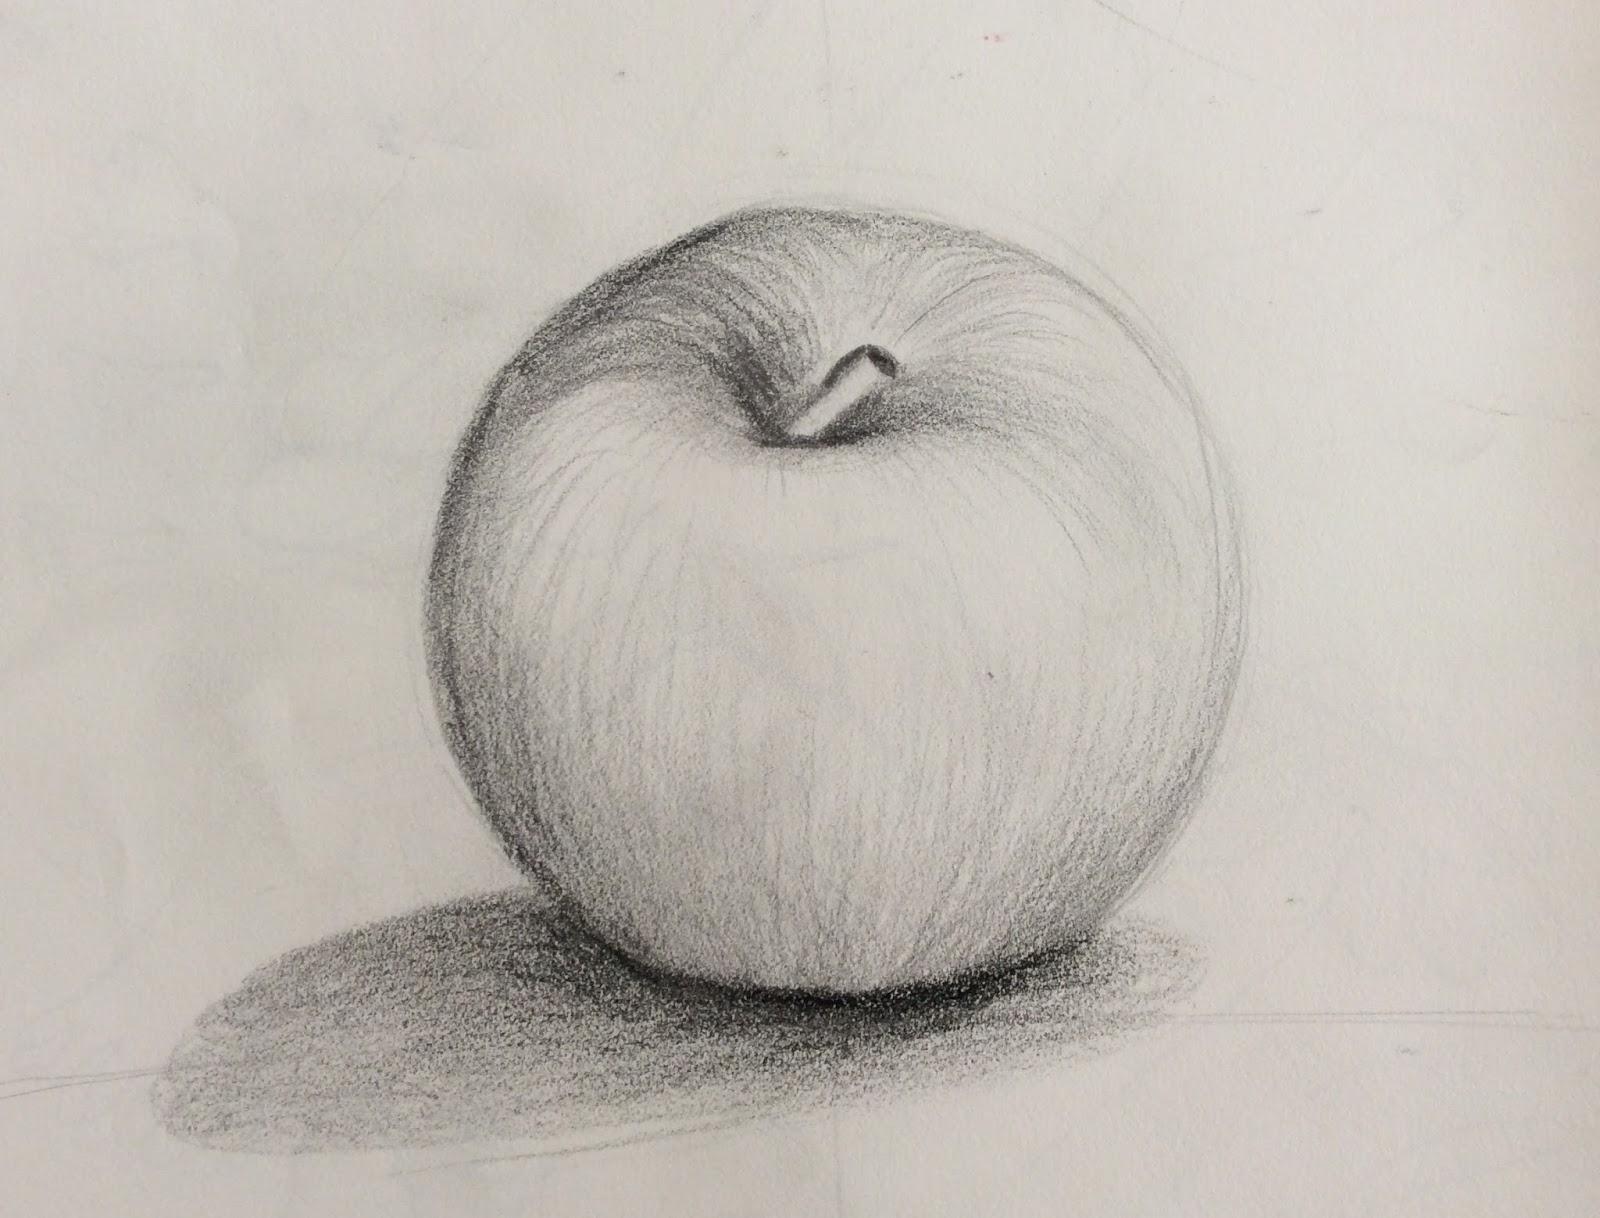 Dibujo En Linea Uva: Dibujo De Linea Frutas Imagui